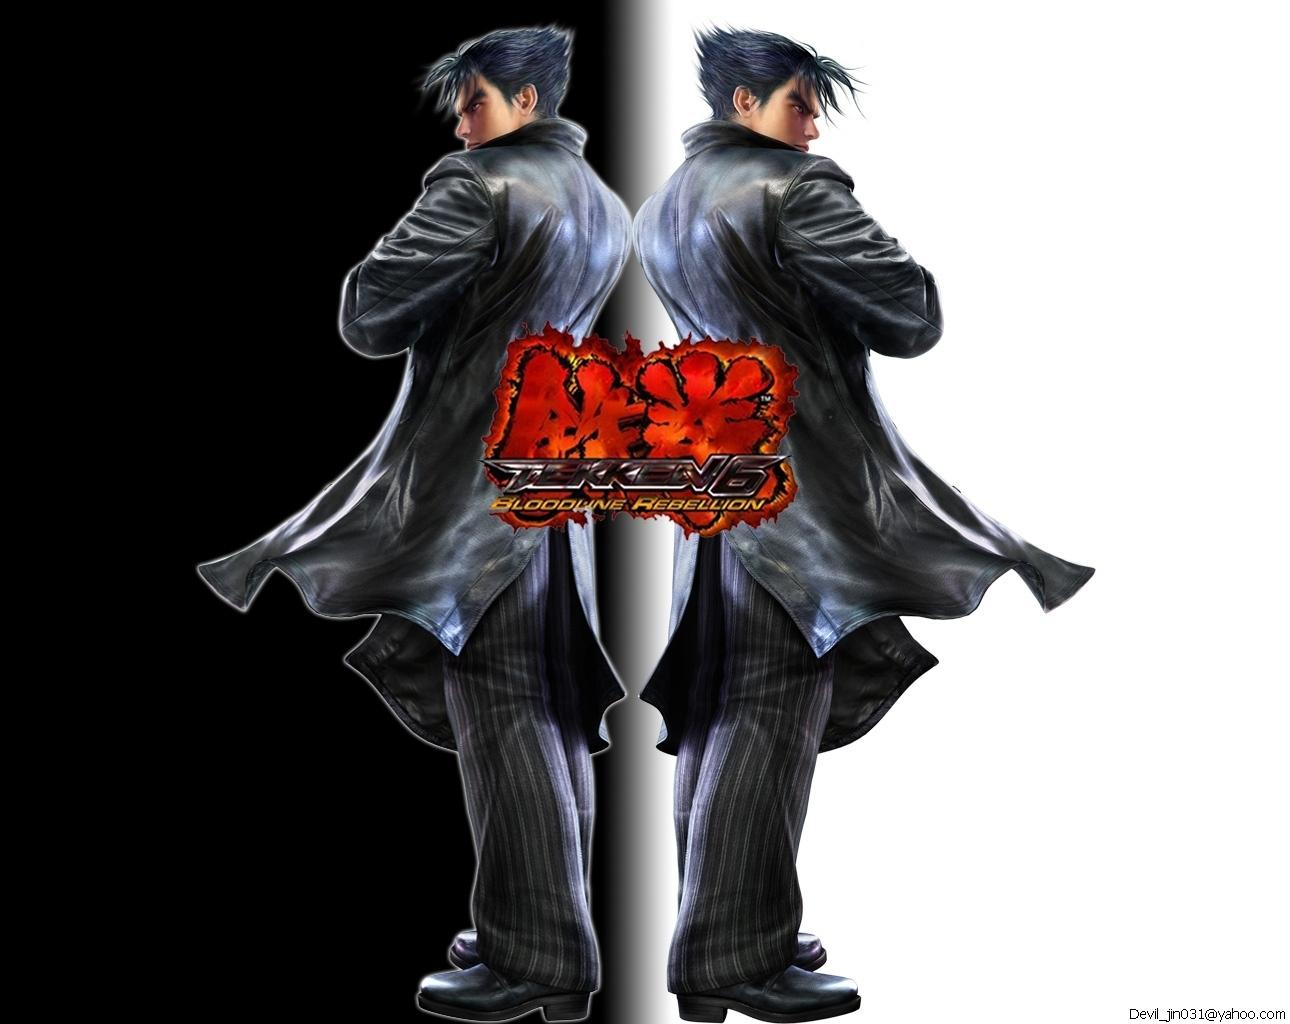 Free Download Jin Kazama Wallpapers Tekken Jin Kazama Wallpapers